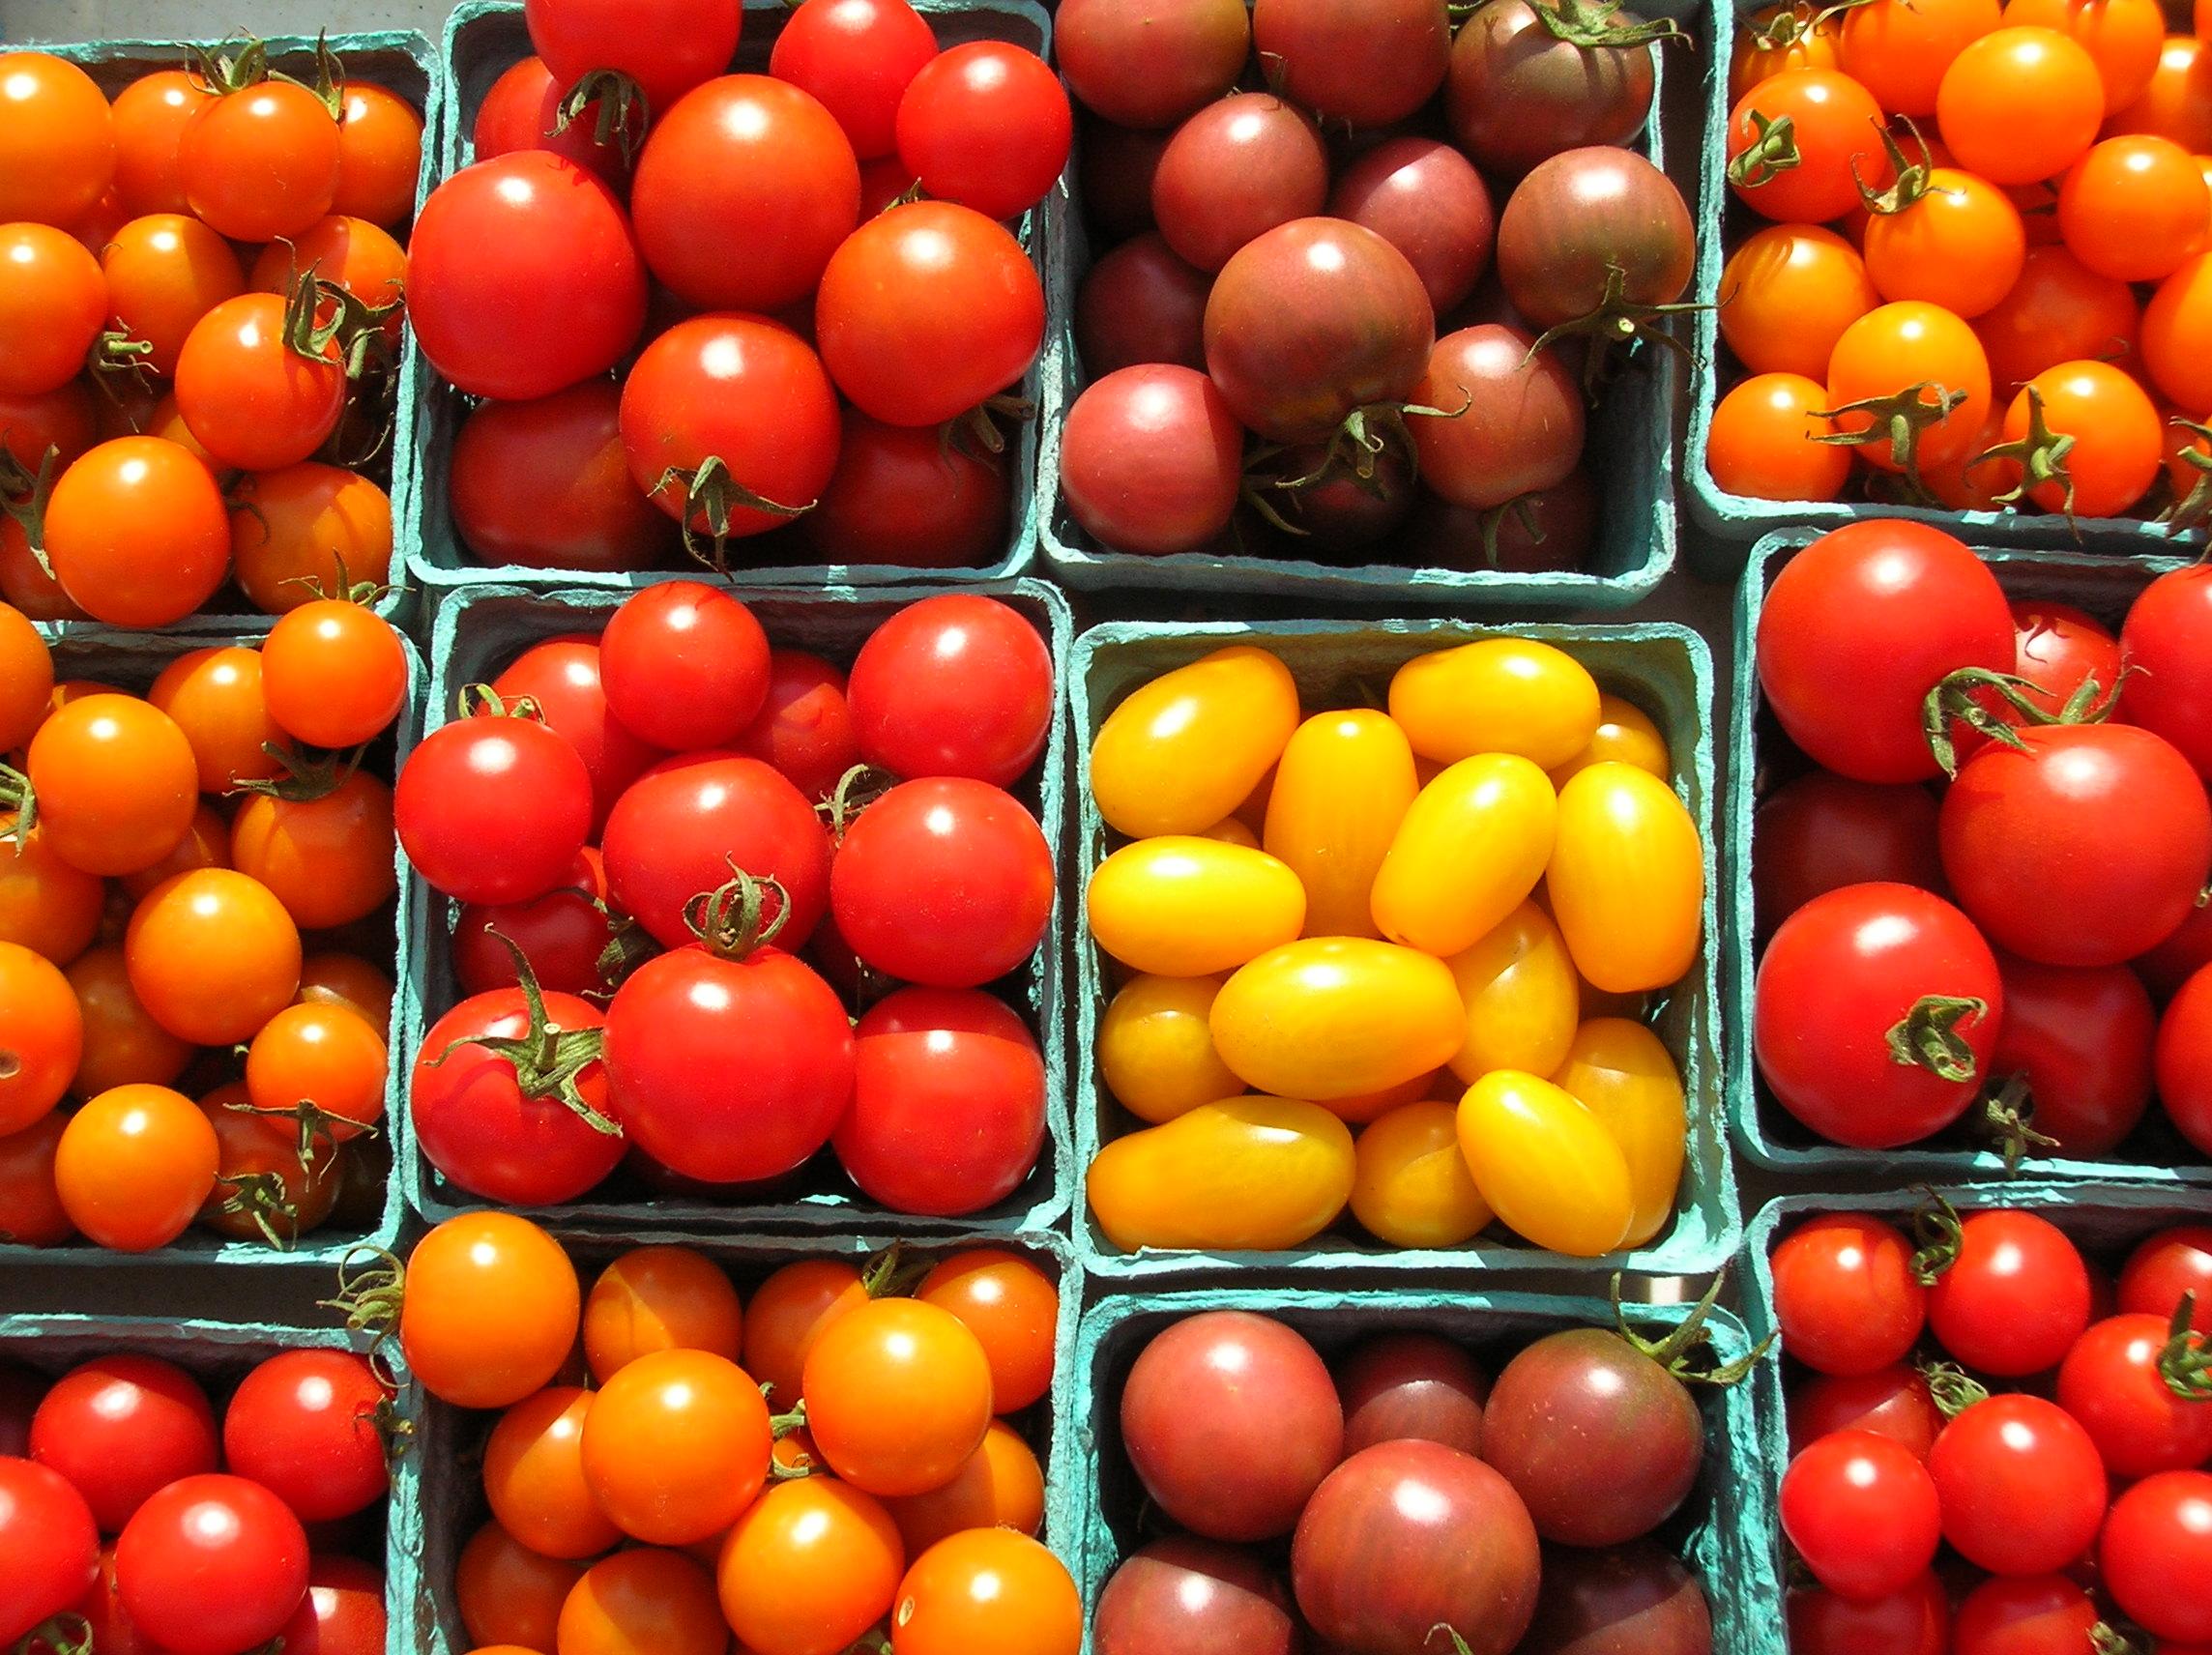 чад мускулатура, томаты черри лучшие сорта фото даче может быть